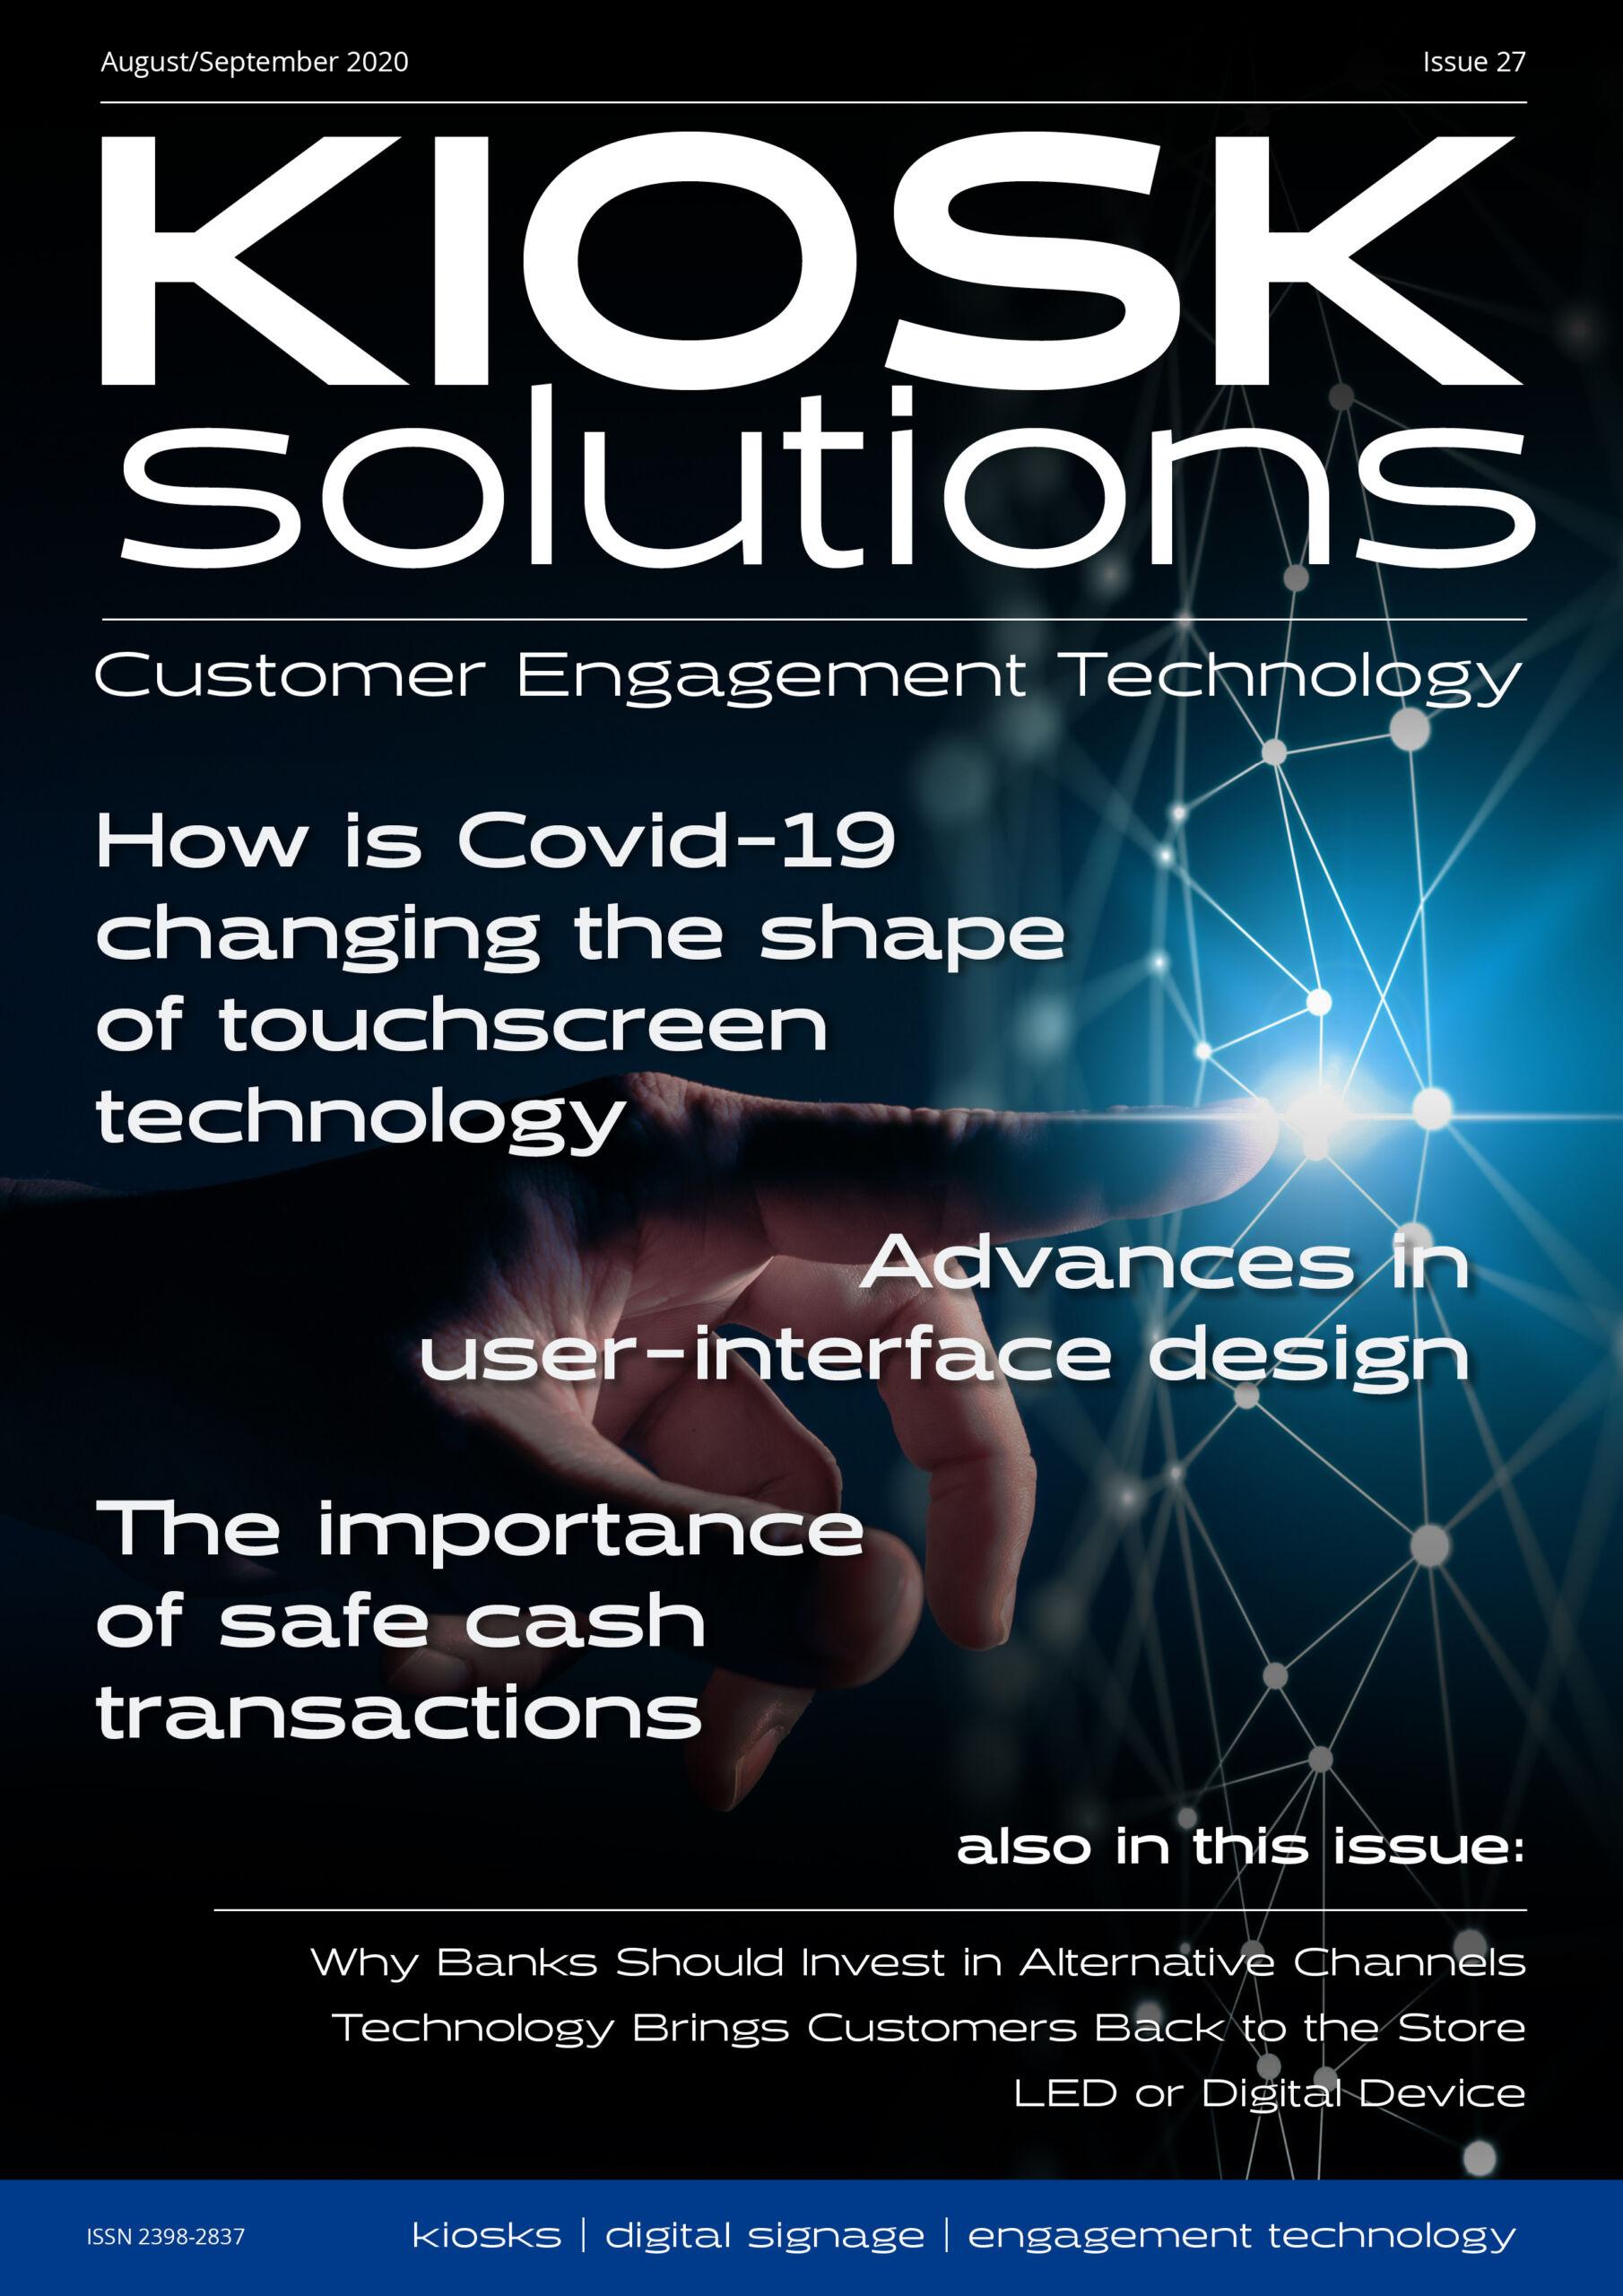 Kiosk Solutions Magazine, August - September 2020 Issue (front cover)